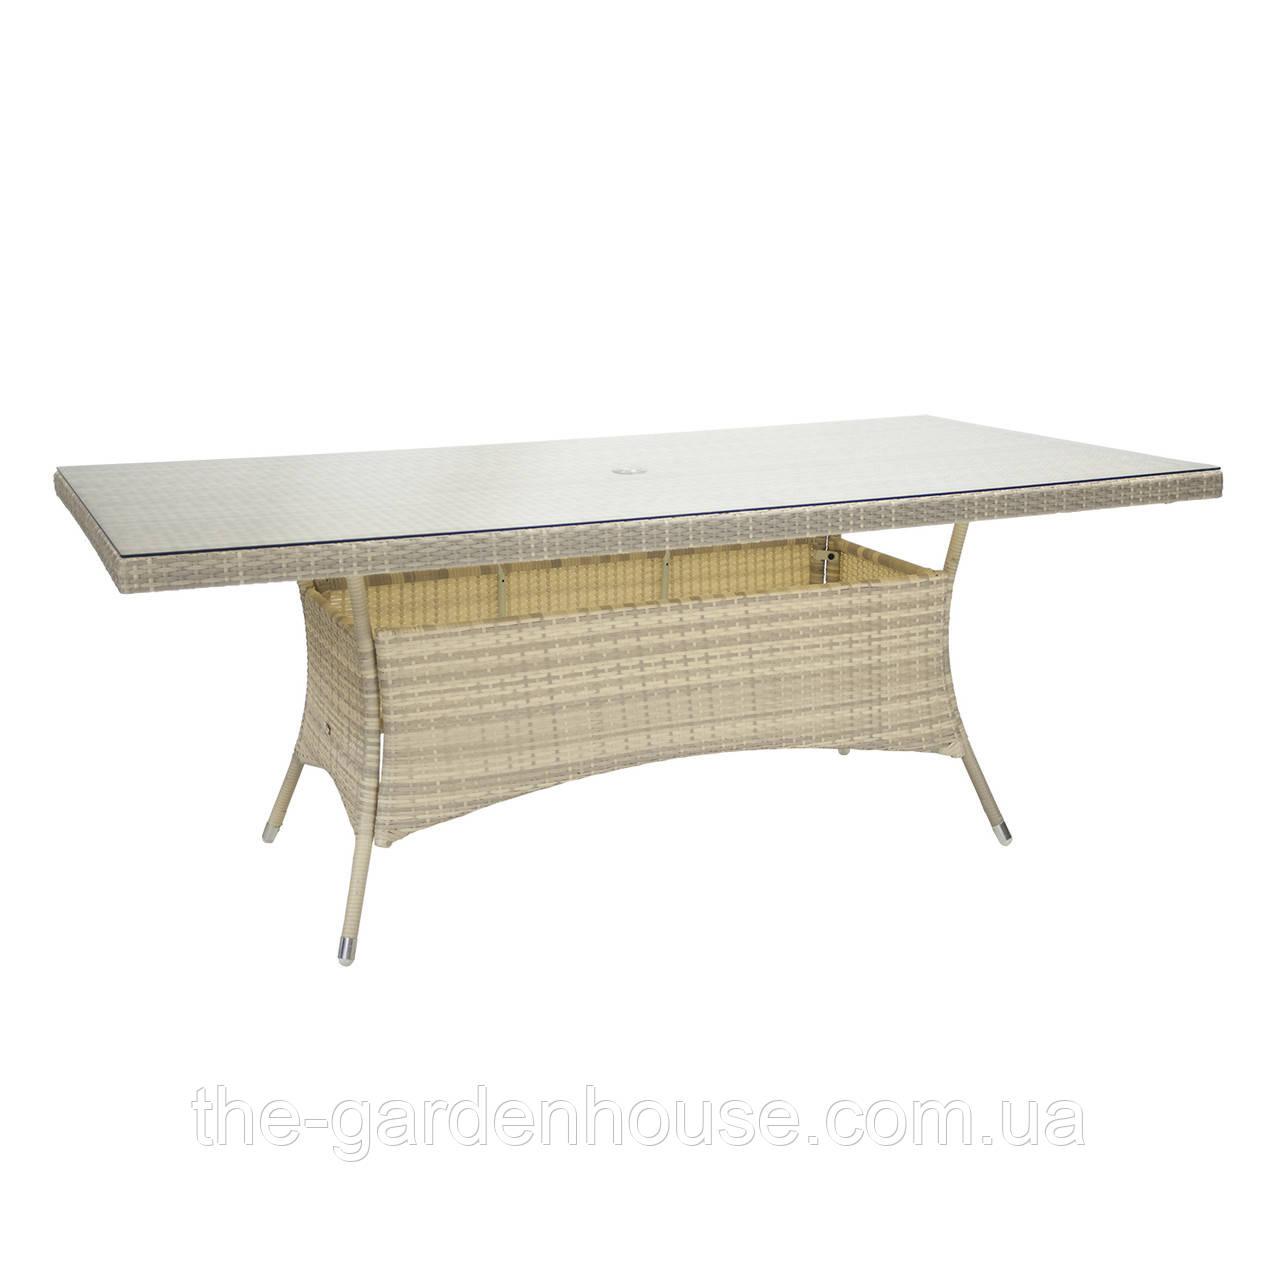 Обеденный стол Wicker из искусственного ротанга со стеклом 200х100 см светло-бежевый